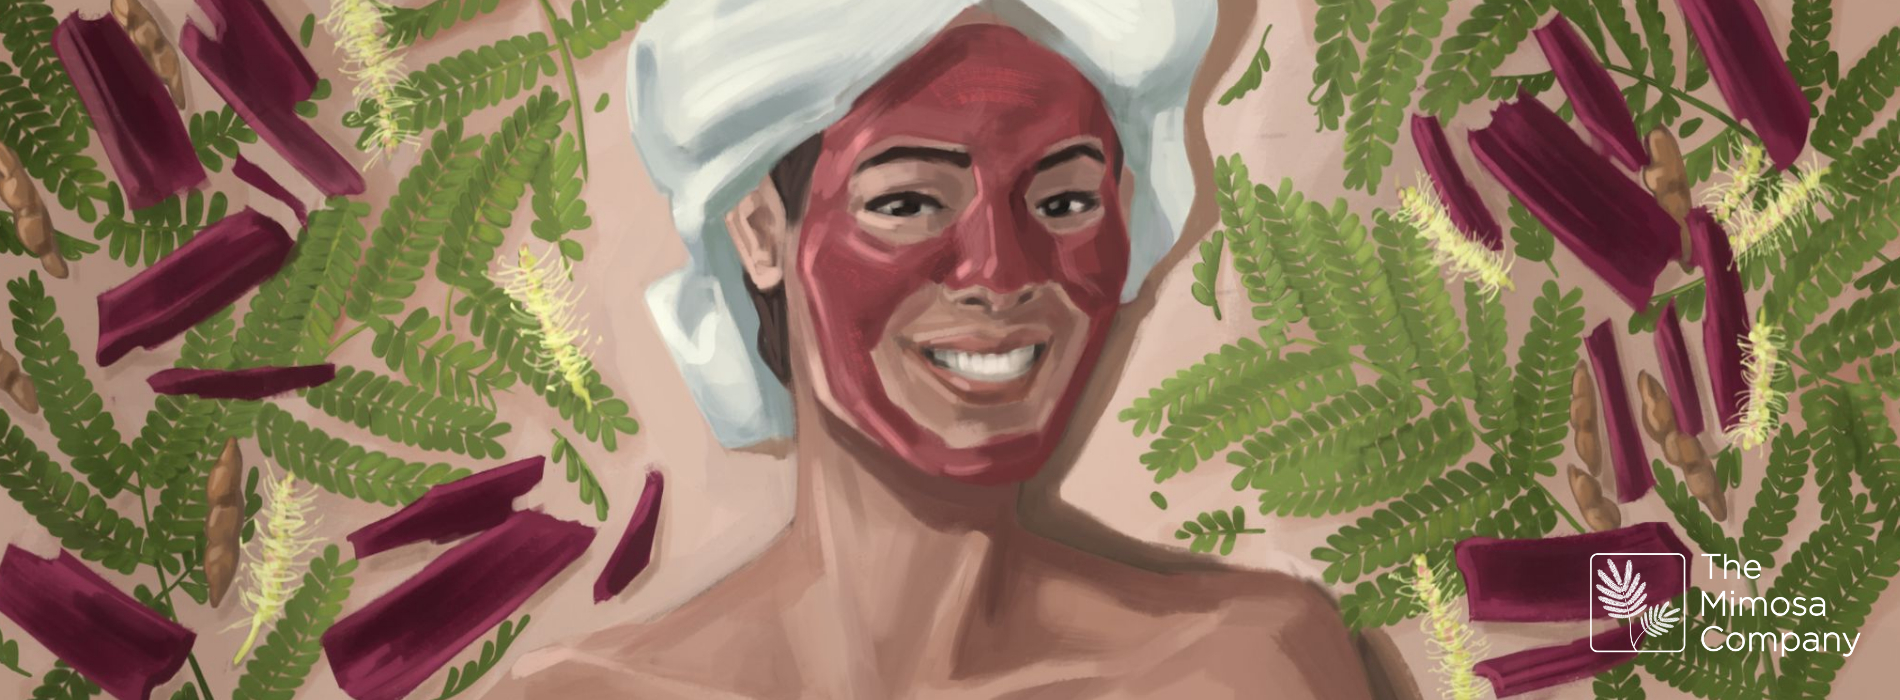 Die Vorteile von Tepezcohuite auf der Haut: ein Verbündeter für die Schönheit